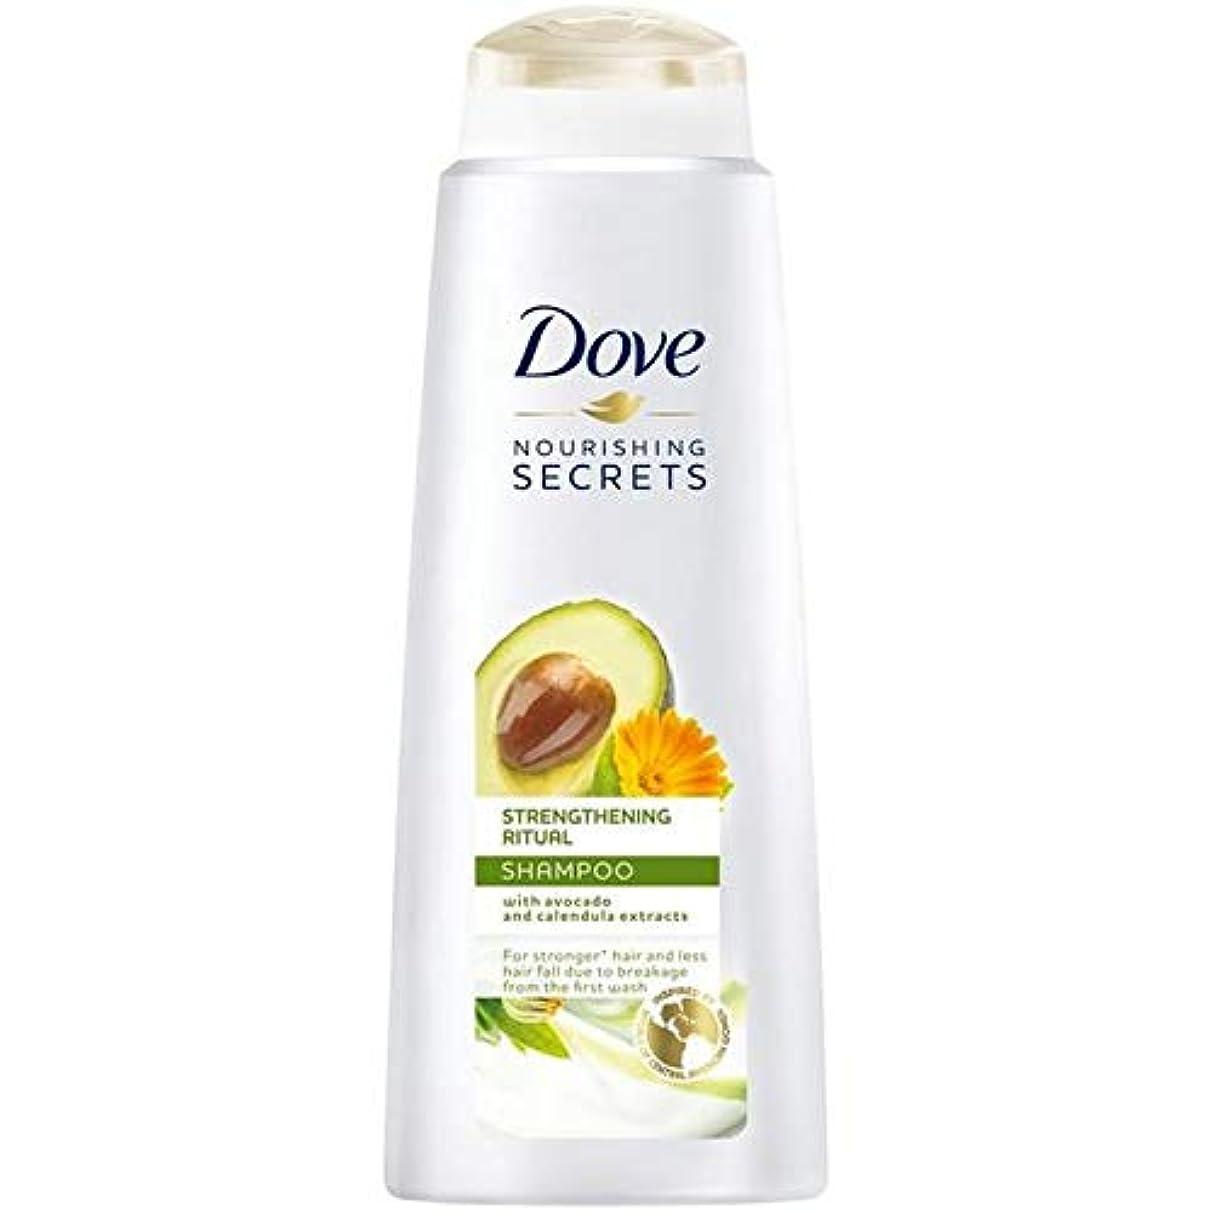 ヒープ単調な同じ[Dove ] 儀式のシャンプー400ミリリットルを強化鳩栄養の秘密 - Dove Nourishing Secrets Strengthening Ritual Shampoo 400ml [並行輸入品]